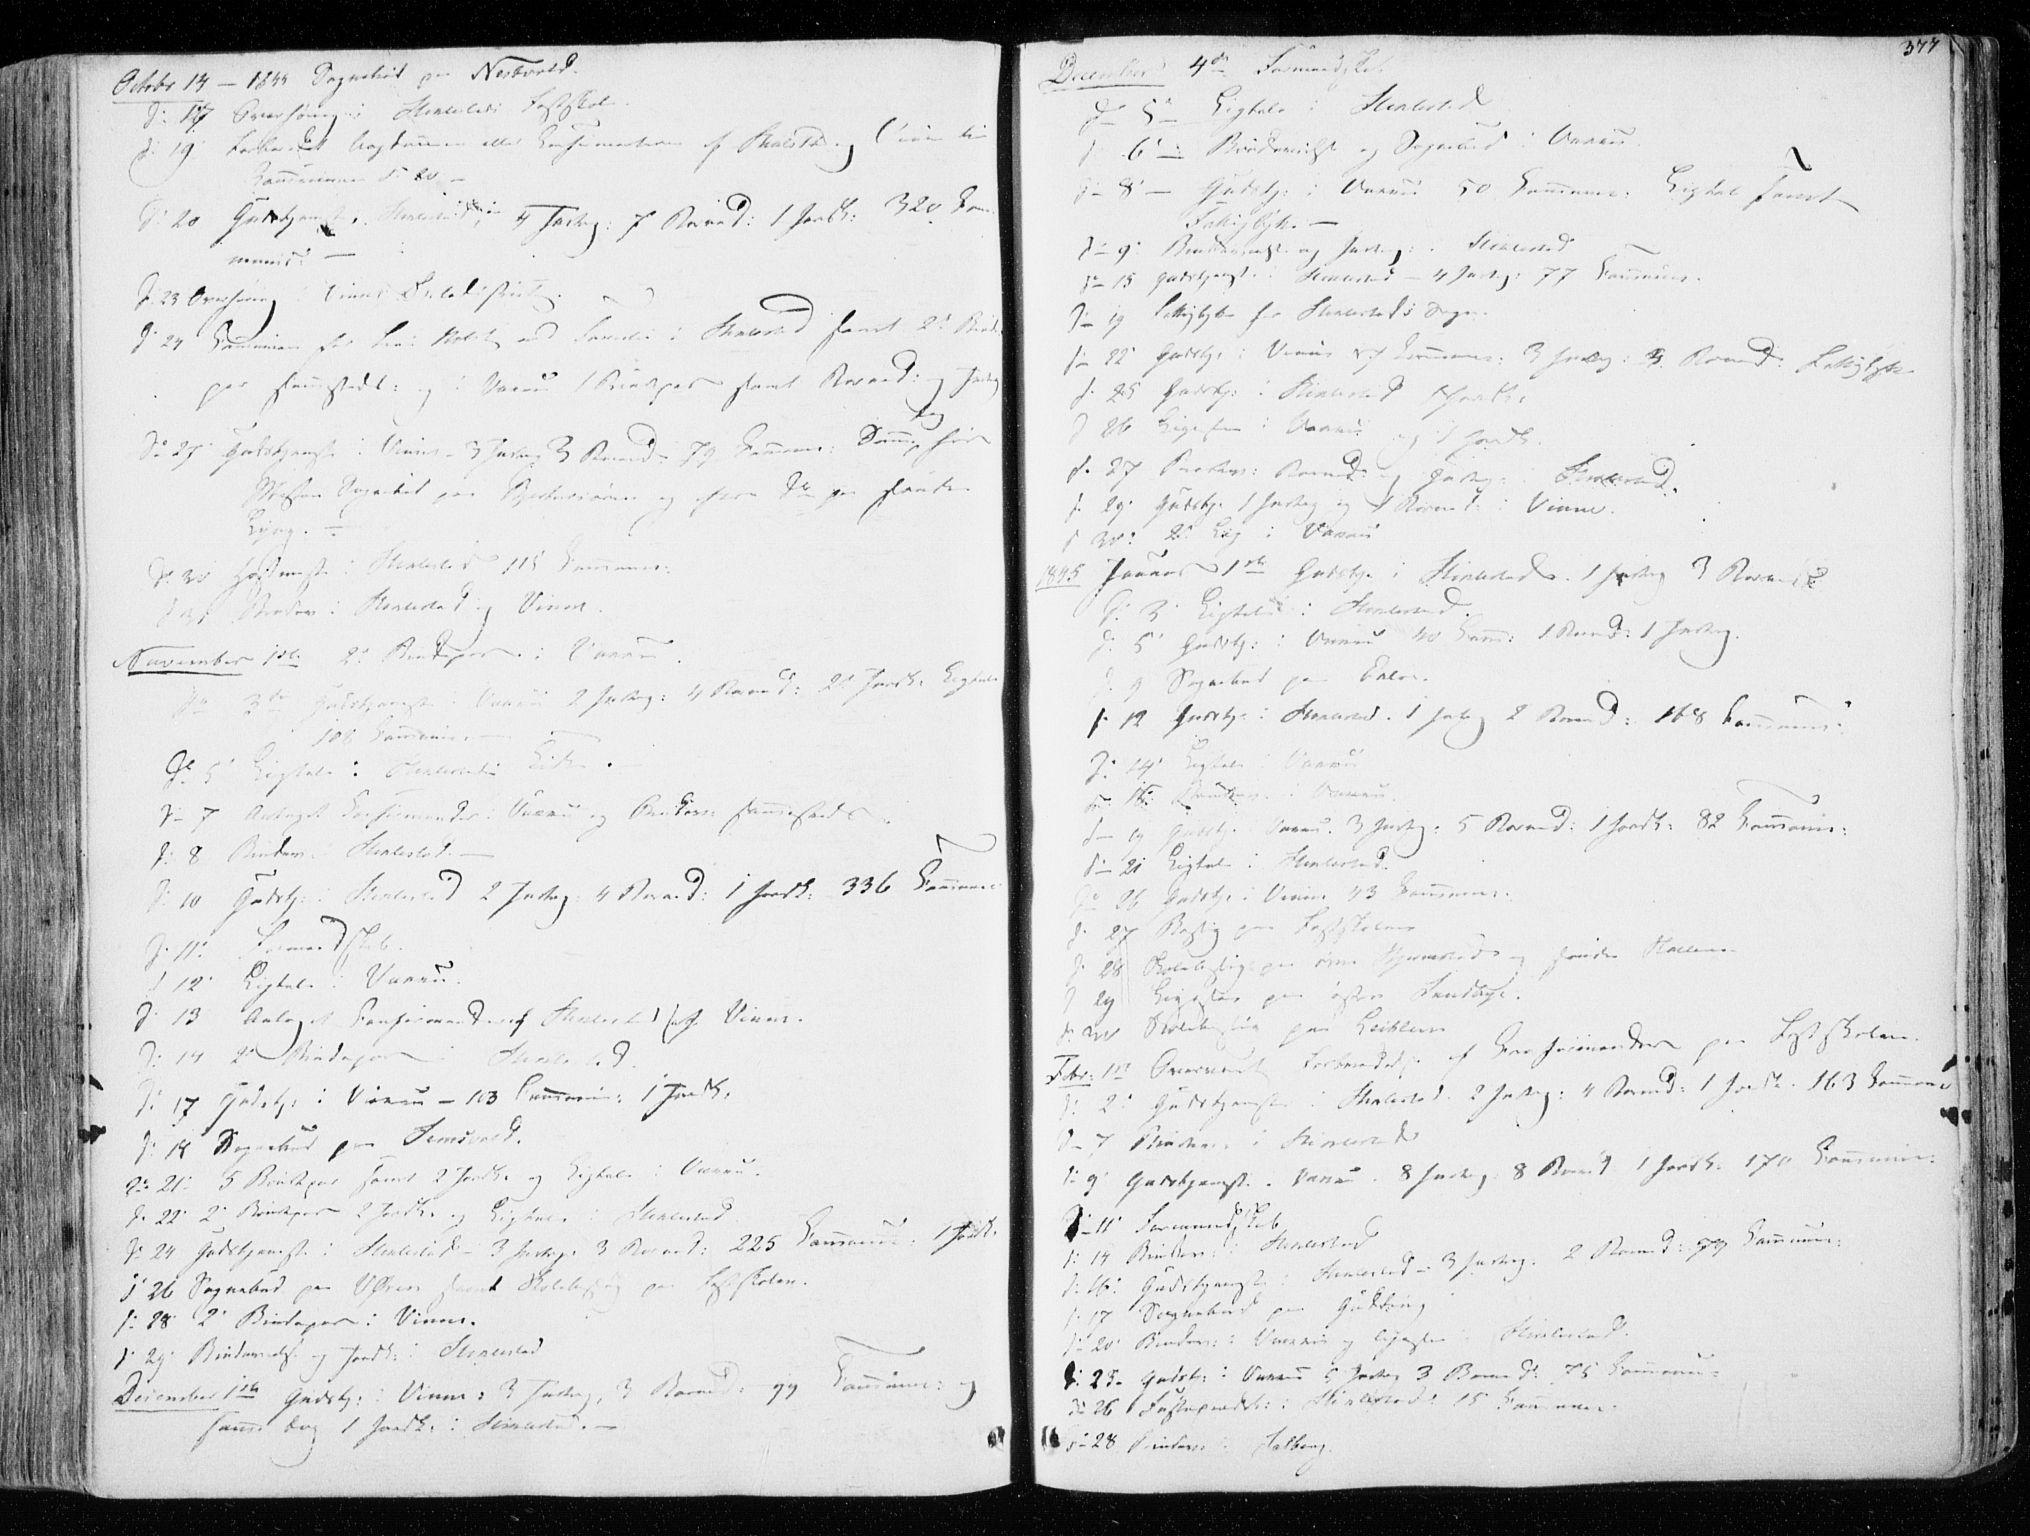 SAT, Ministerialprotokoller, klokkerbøker og fødselsregistre - Nord-Trøndelag, 723/L0239: Ministerialbok nr. 723A08, 1841-1851, s. 377